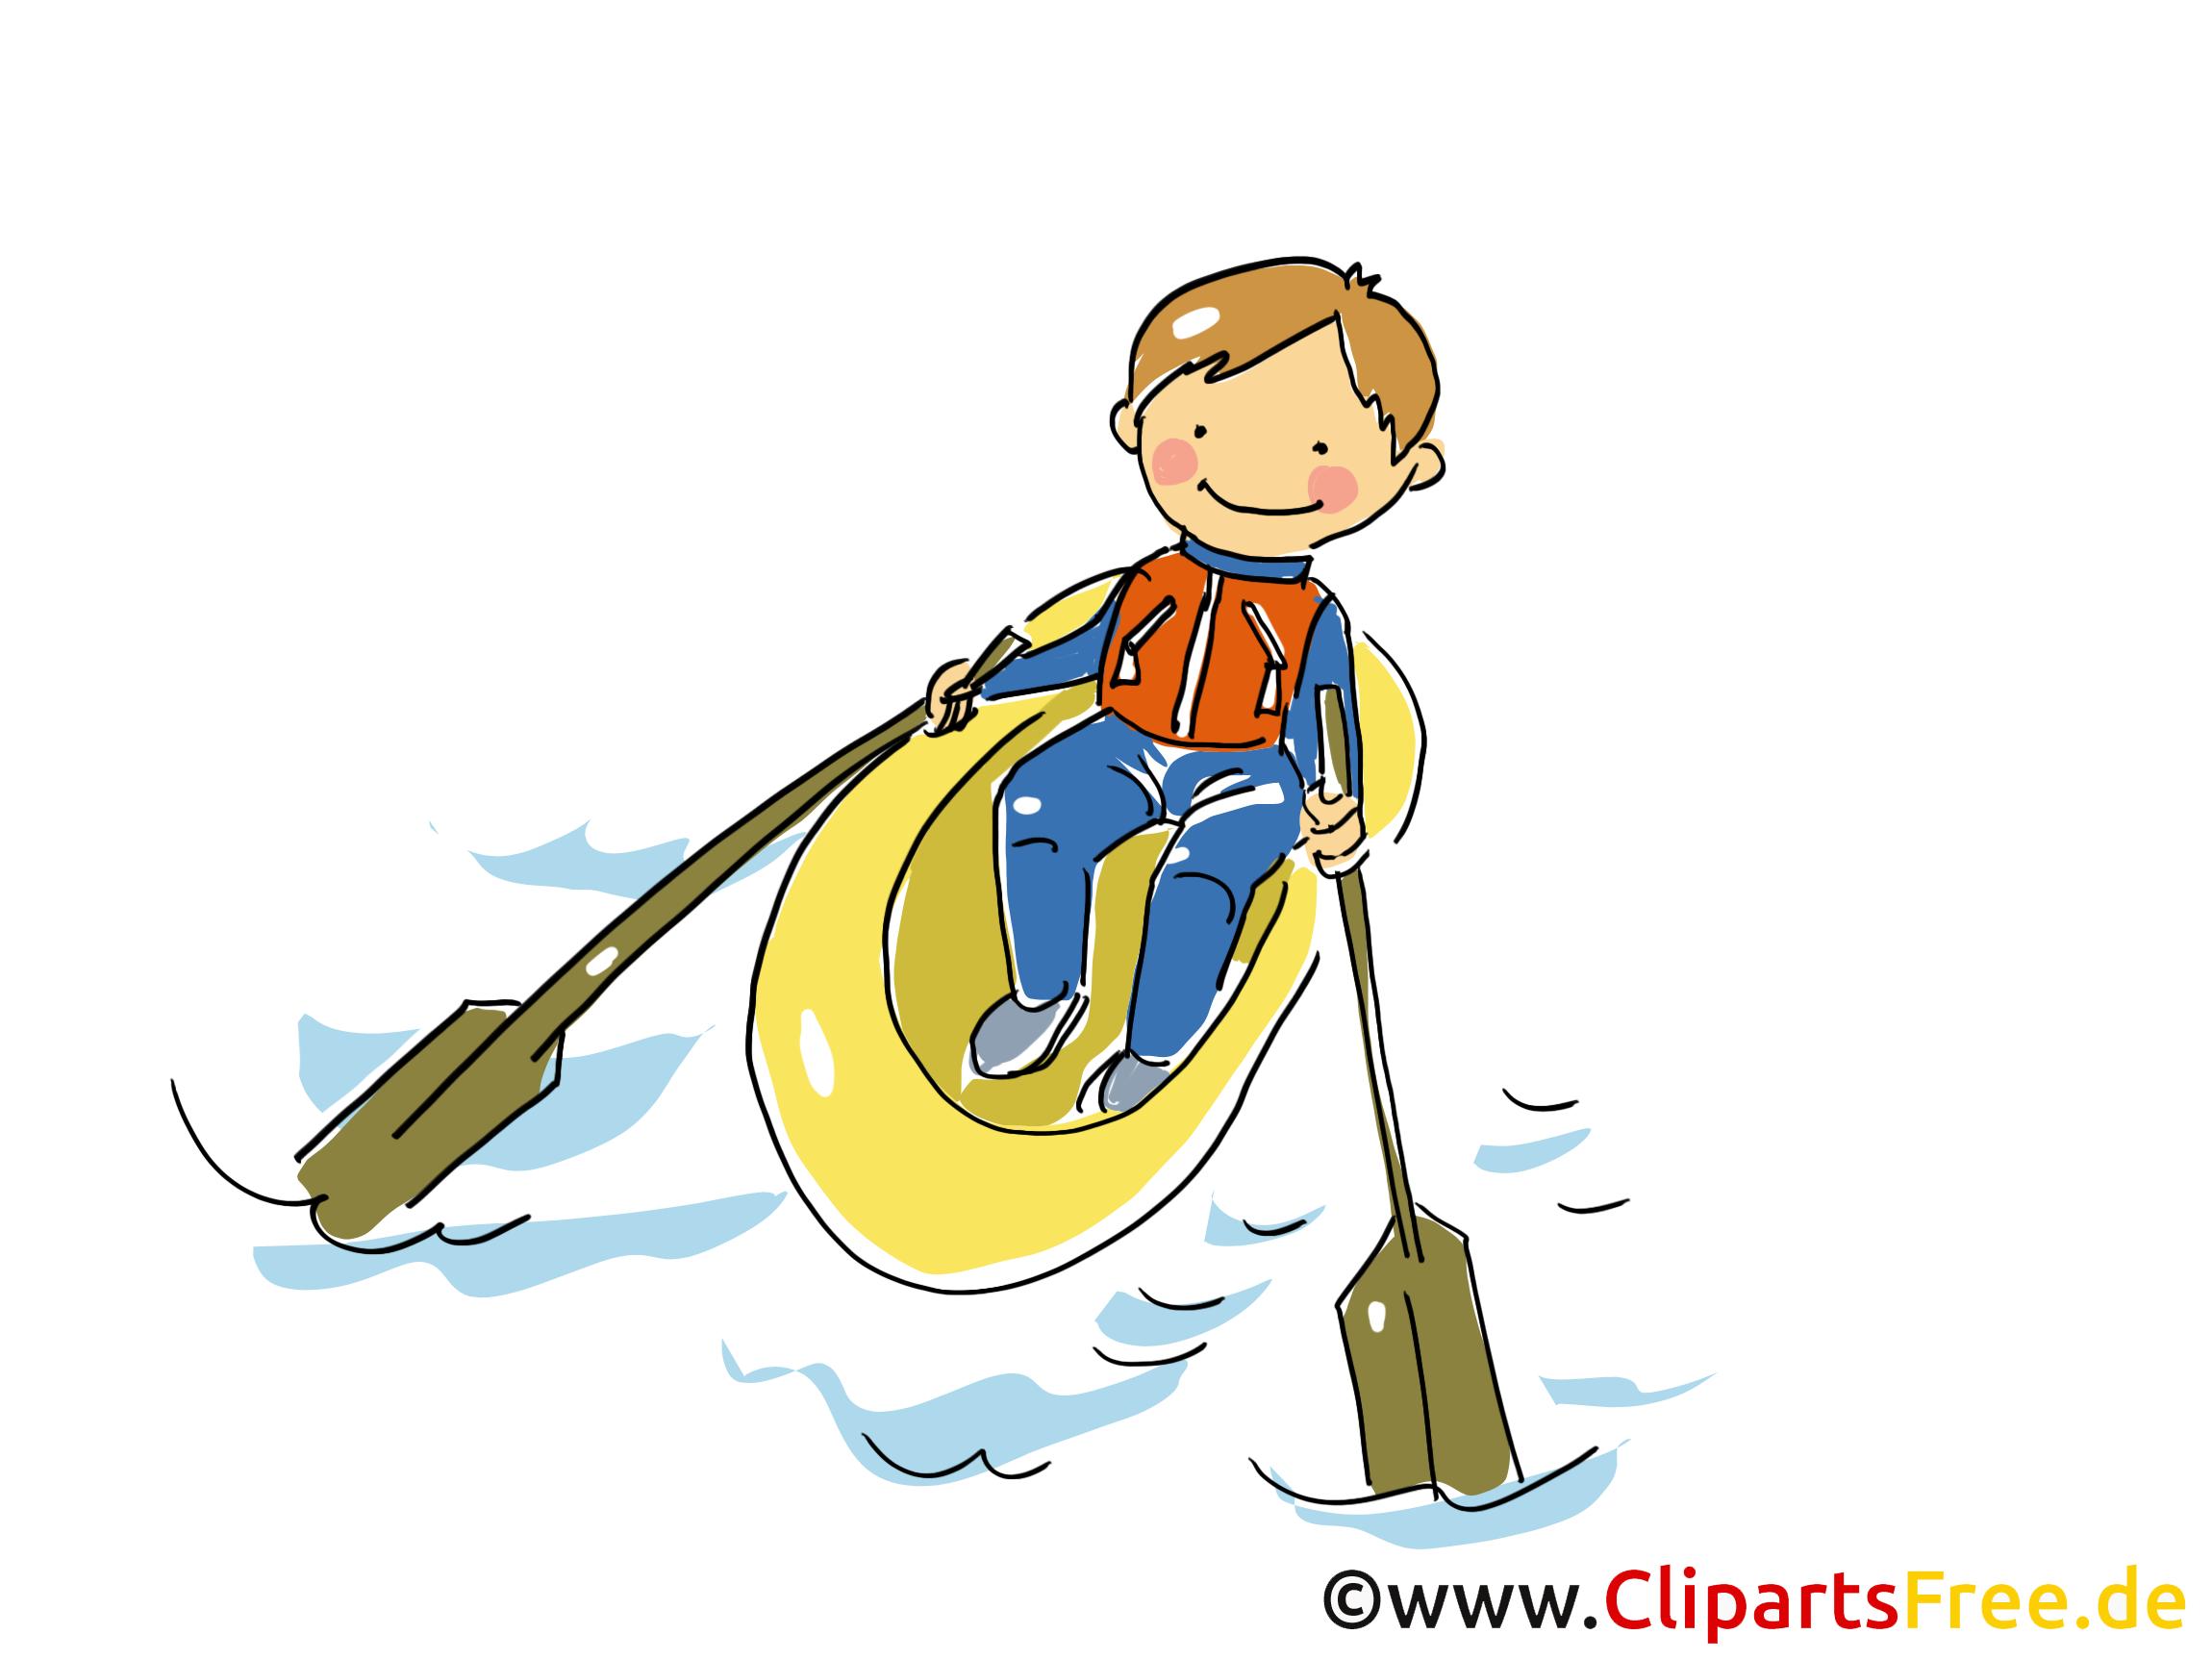 Rubberboot Afbeelding, Sport Clipart, Cartoon, Cartoon, Afbeelding Gratis